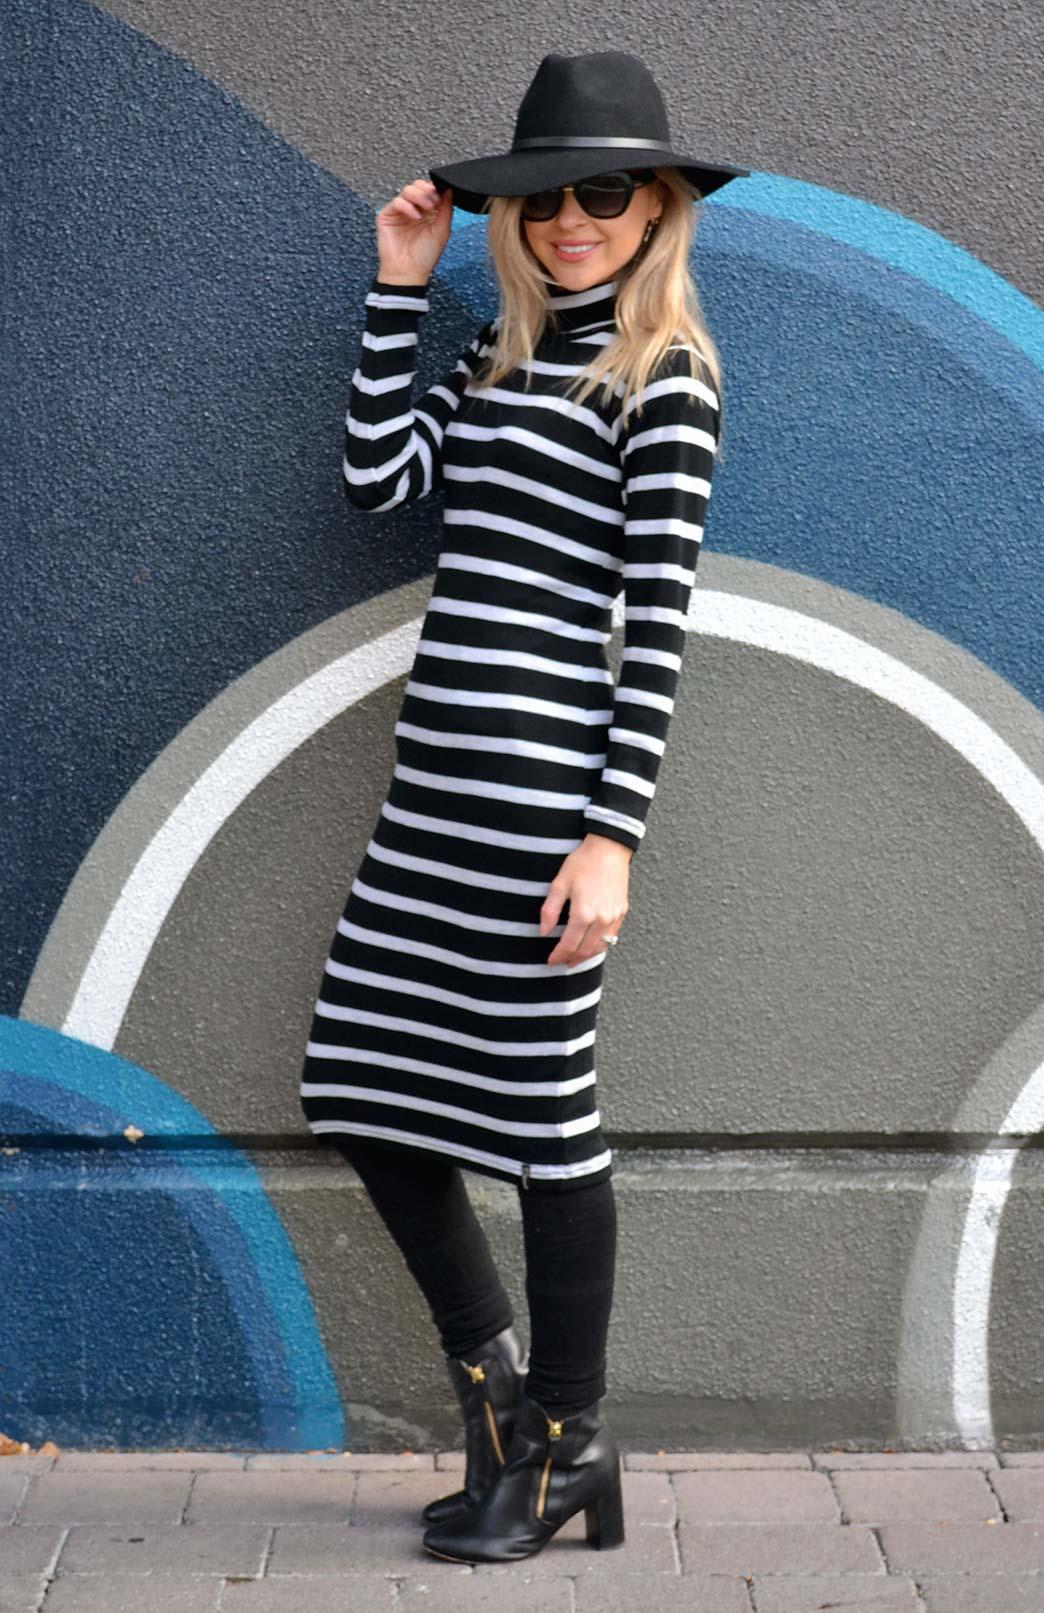 Polo Neck Dress - Women's Merino Wool Long Sleeve Polo Neck Dress - Smitten Merino Tasmania Australia